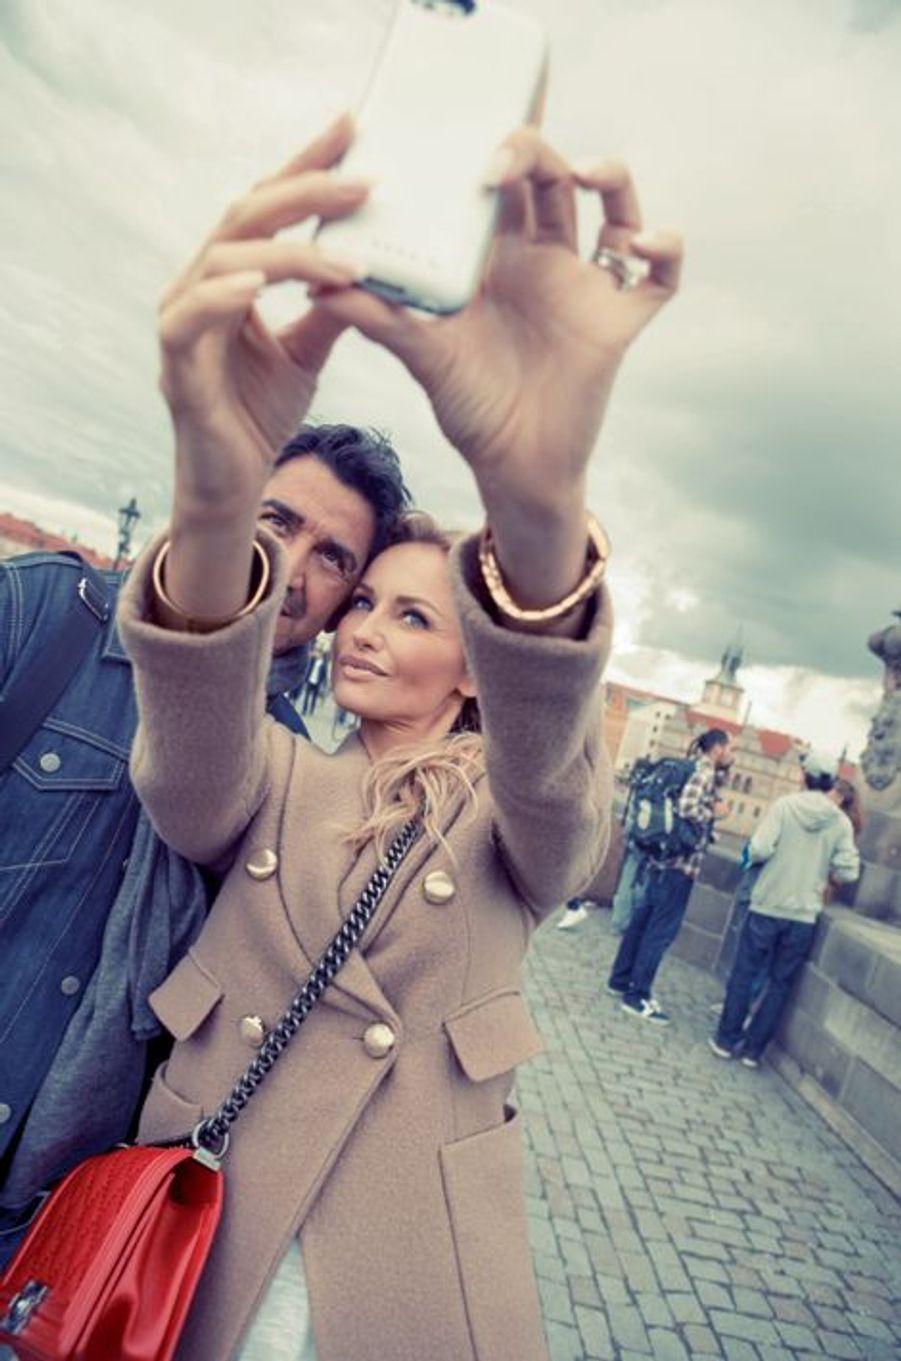 Sur le pont Charles, un selfie en guise de souvenir.